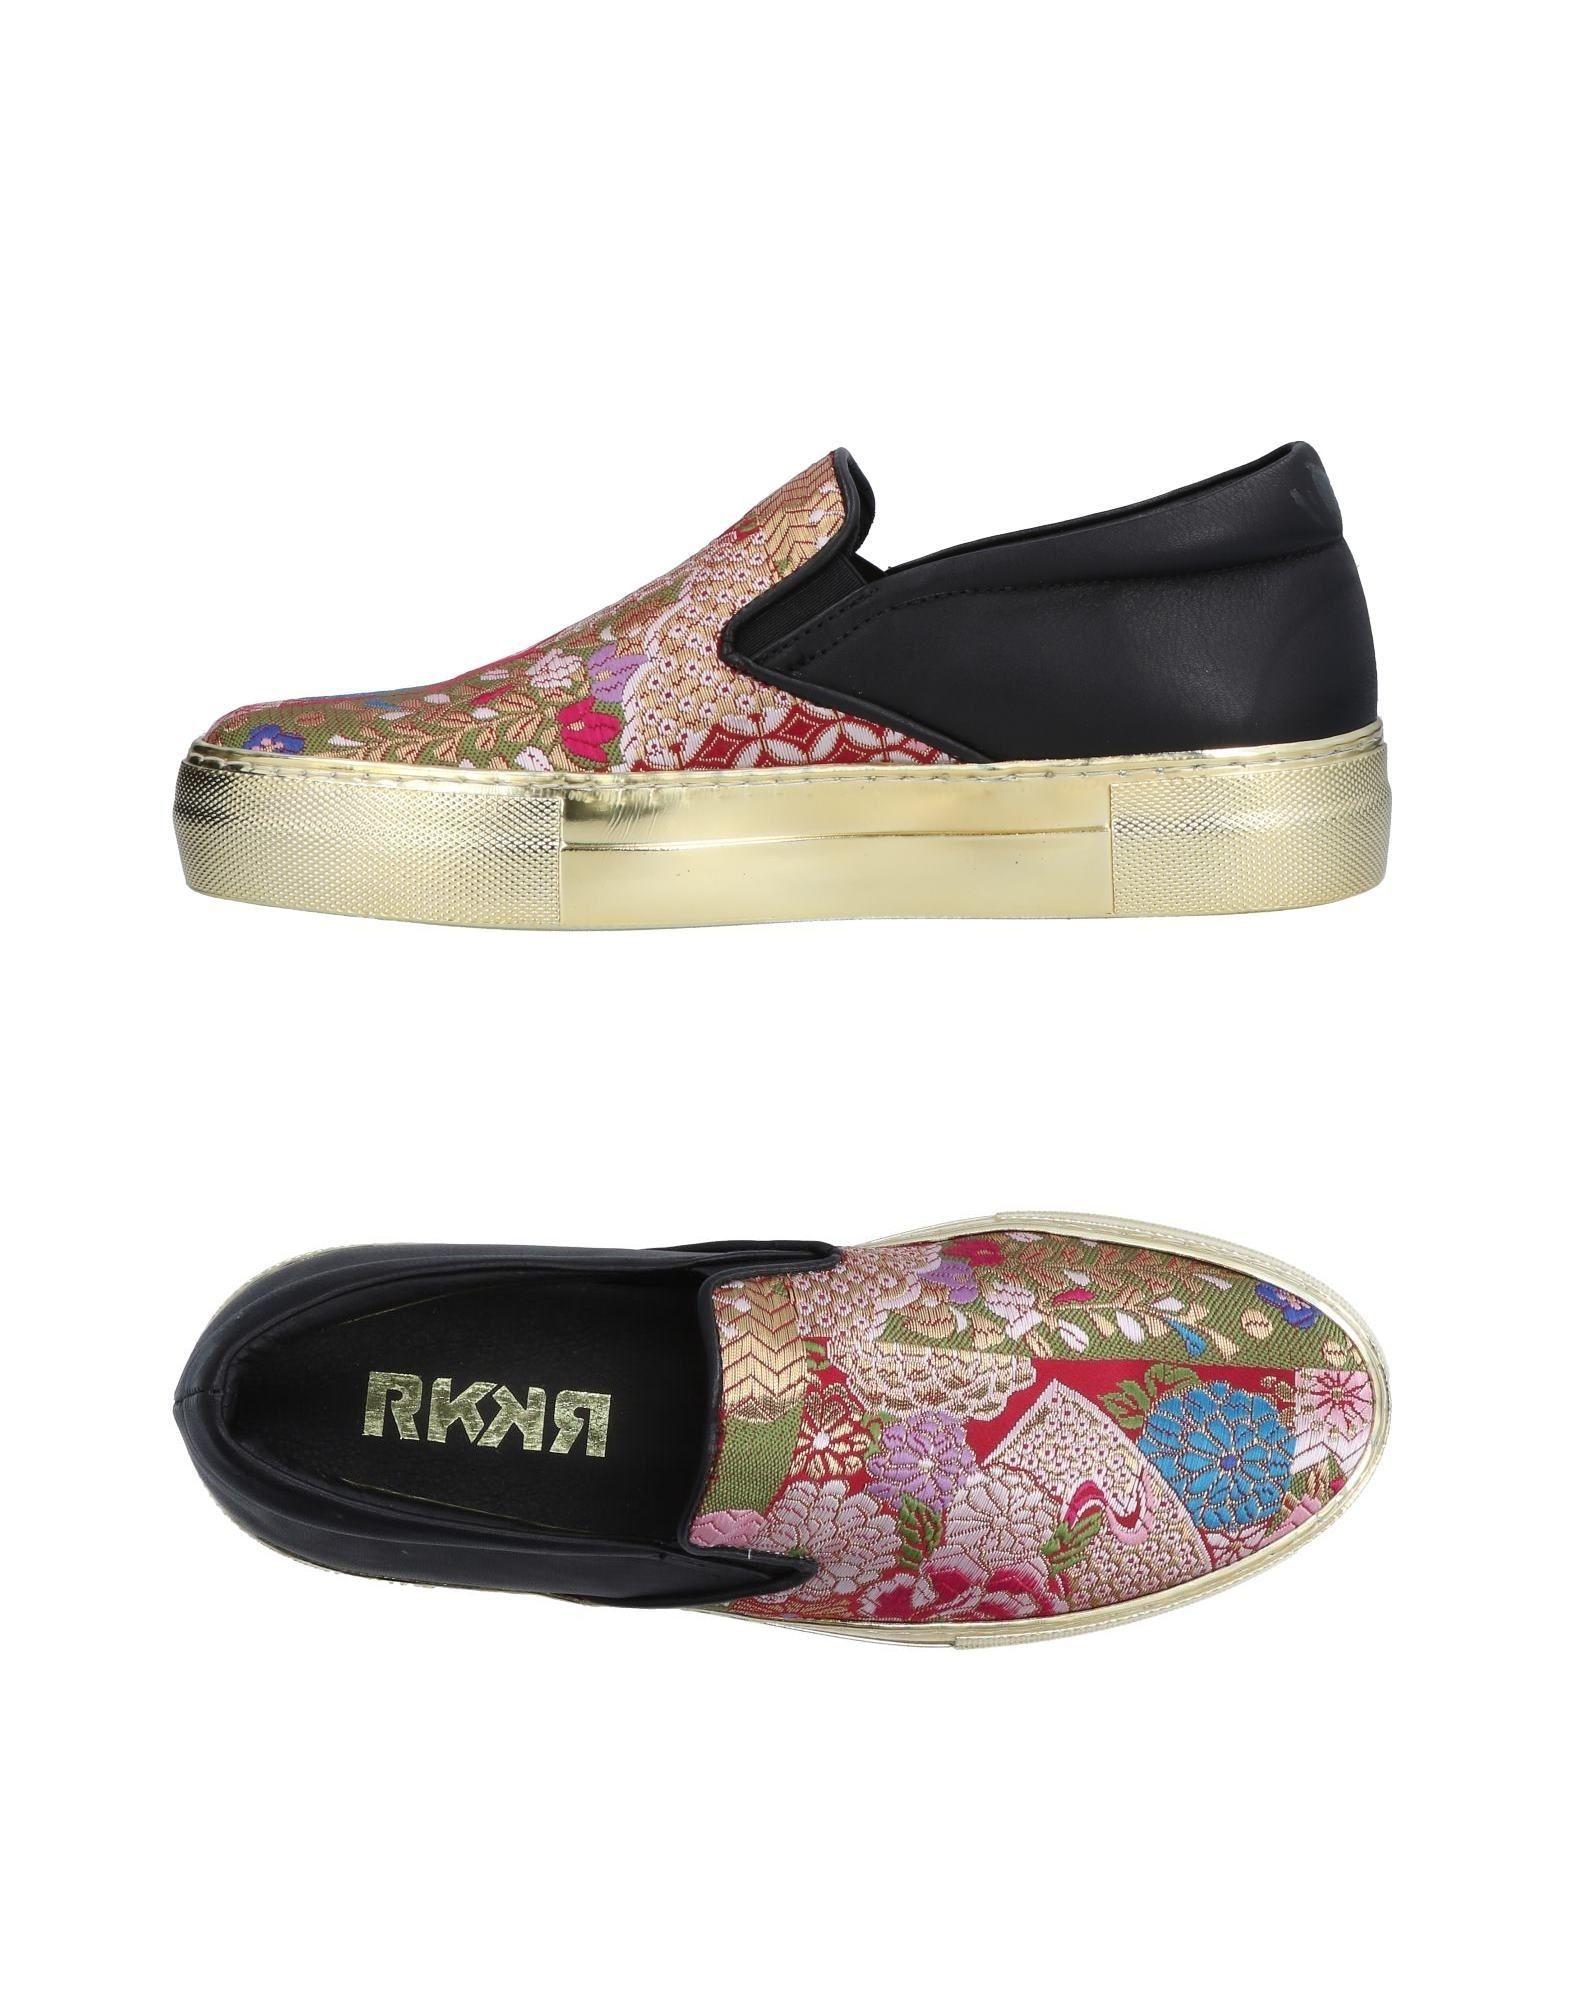 Sneakers Rkkr Donna - 11476455WL Scarpe economiche e buone